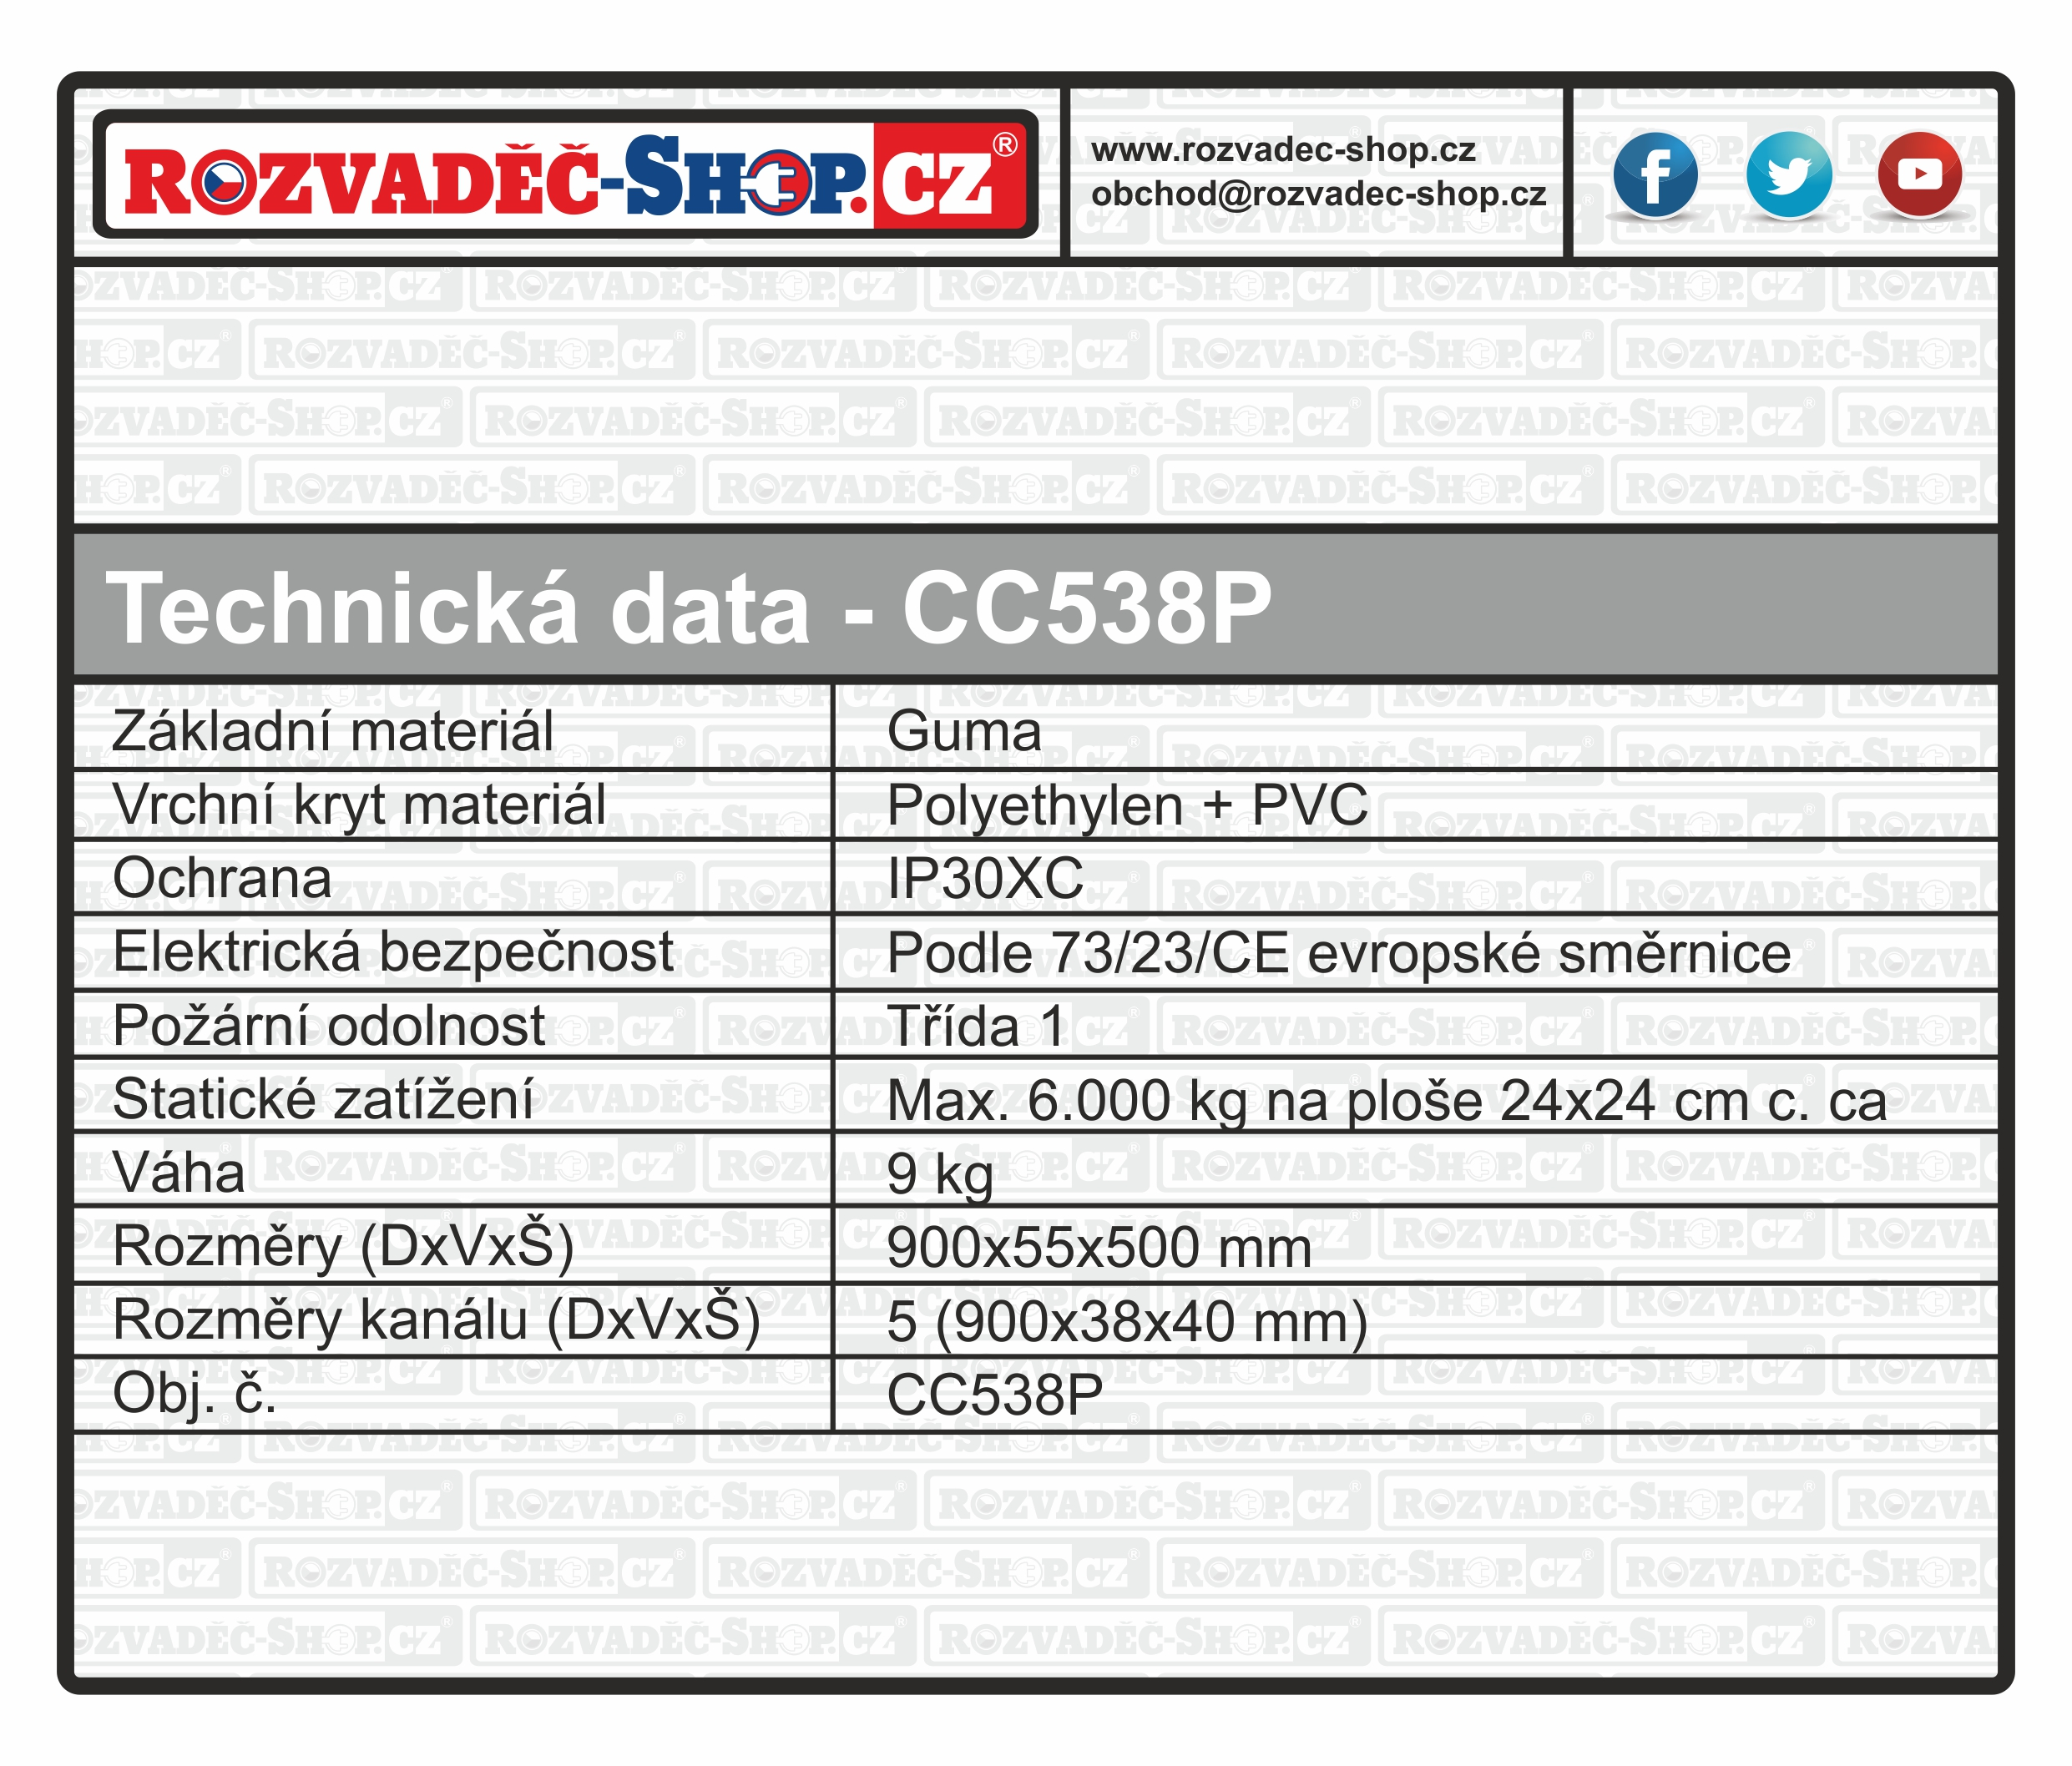 prejezd_CC538P_tabulka